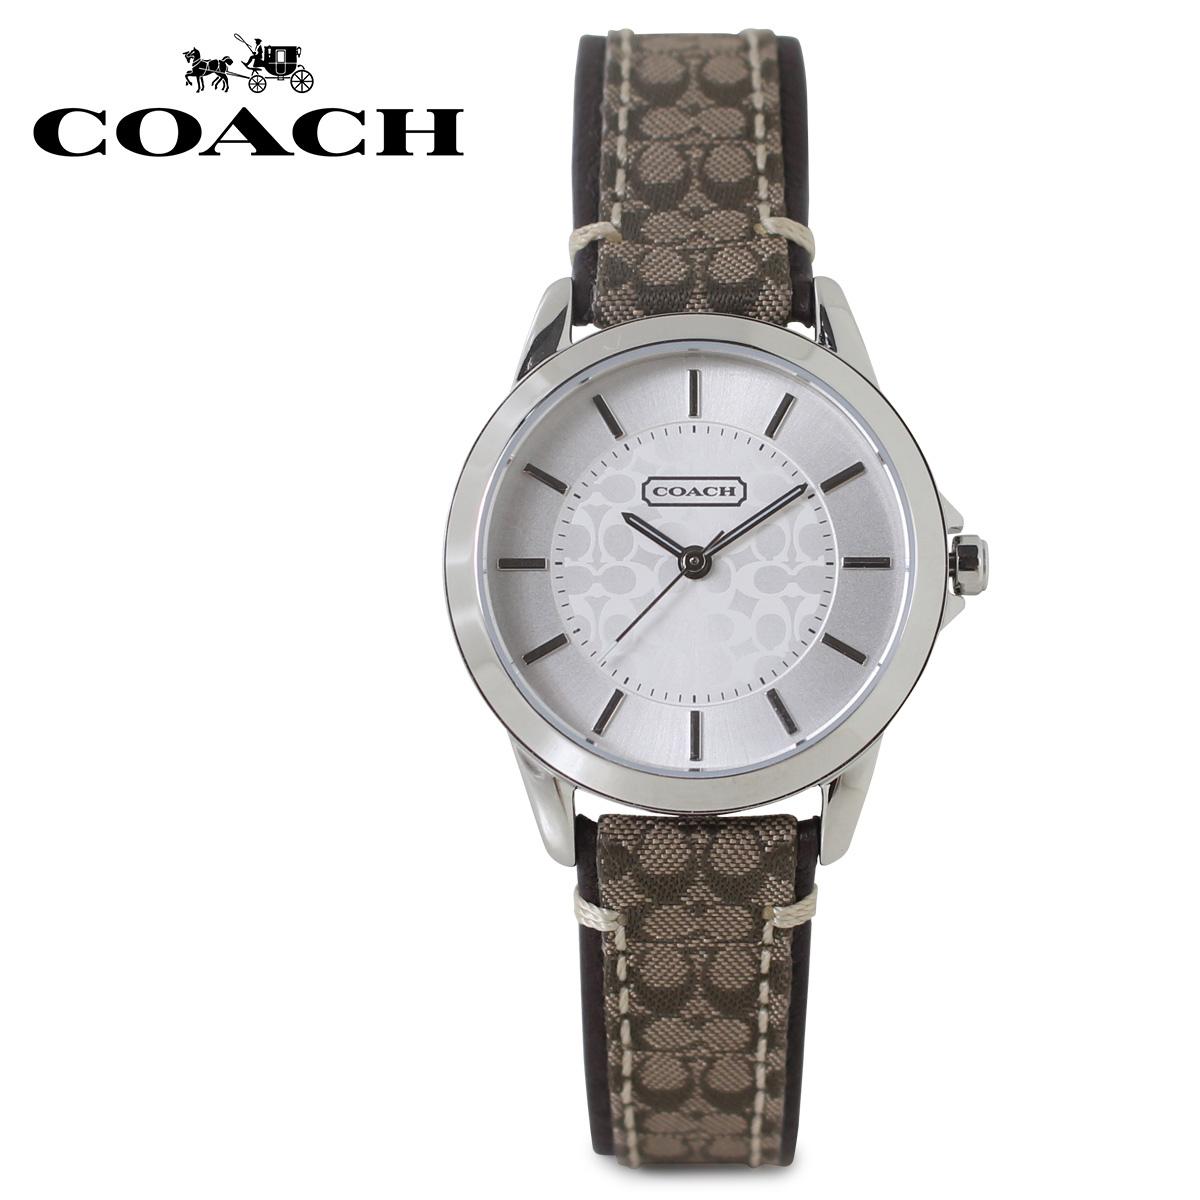 COACH コーチ 腕時計 レディース シグネチャー レザー ブラウン 14501525